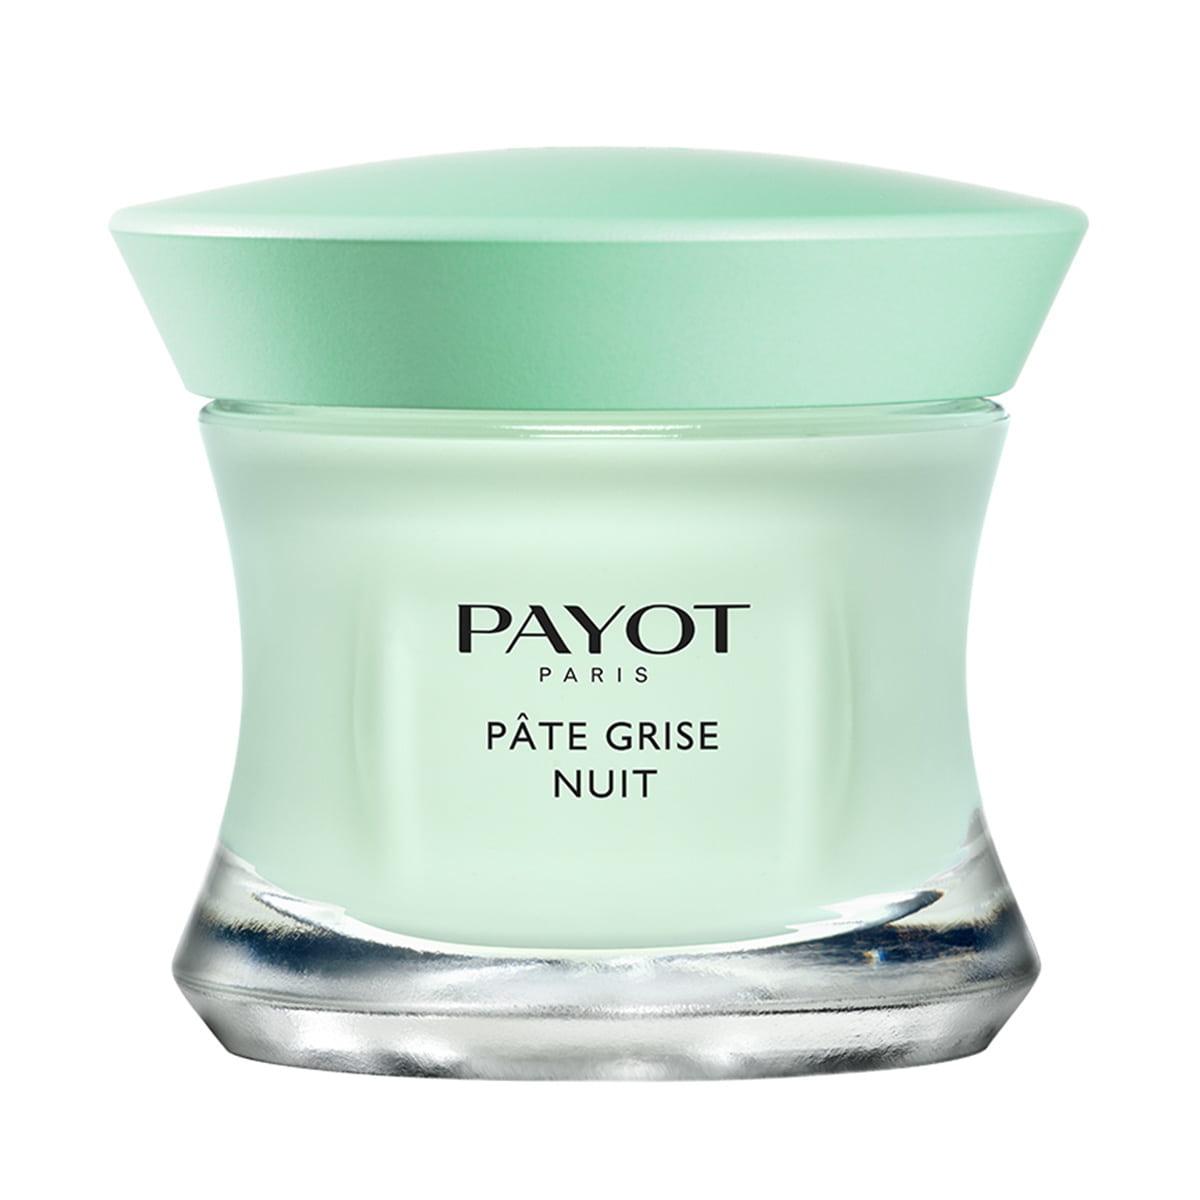 Payot - Pâte Grise Nuit - Crème de beauté purifiante des boutonneuses